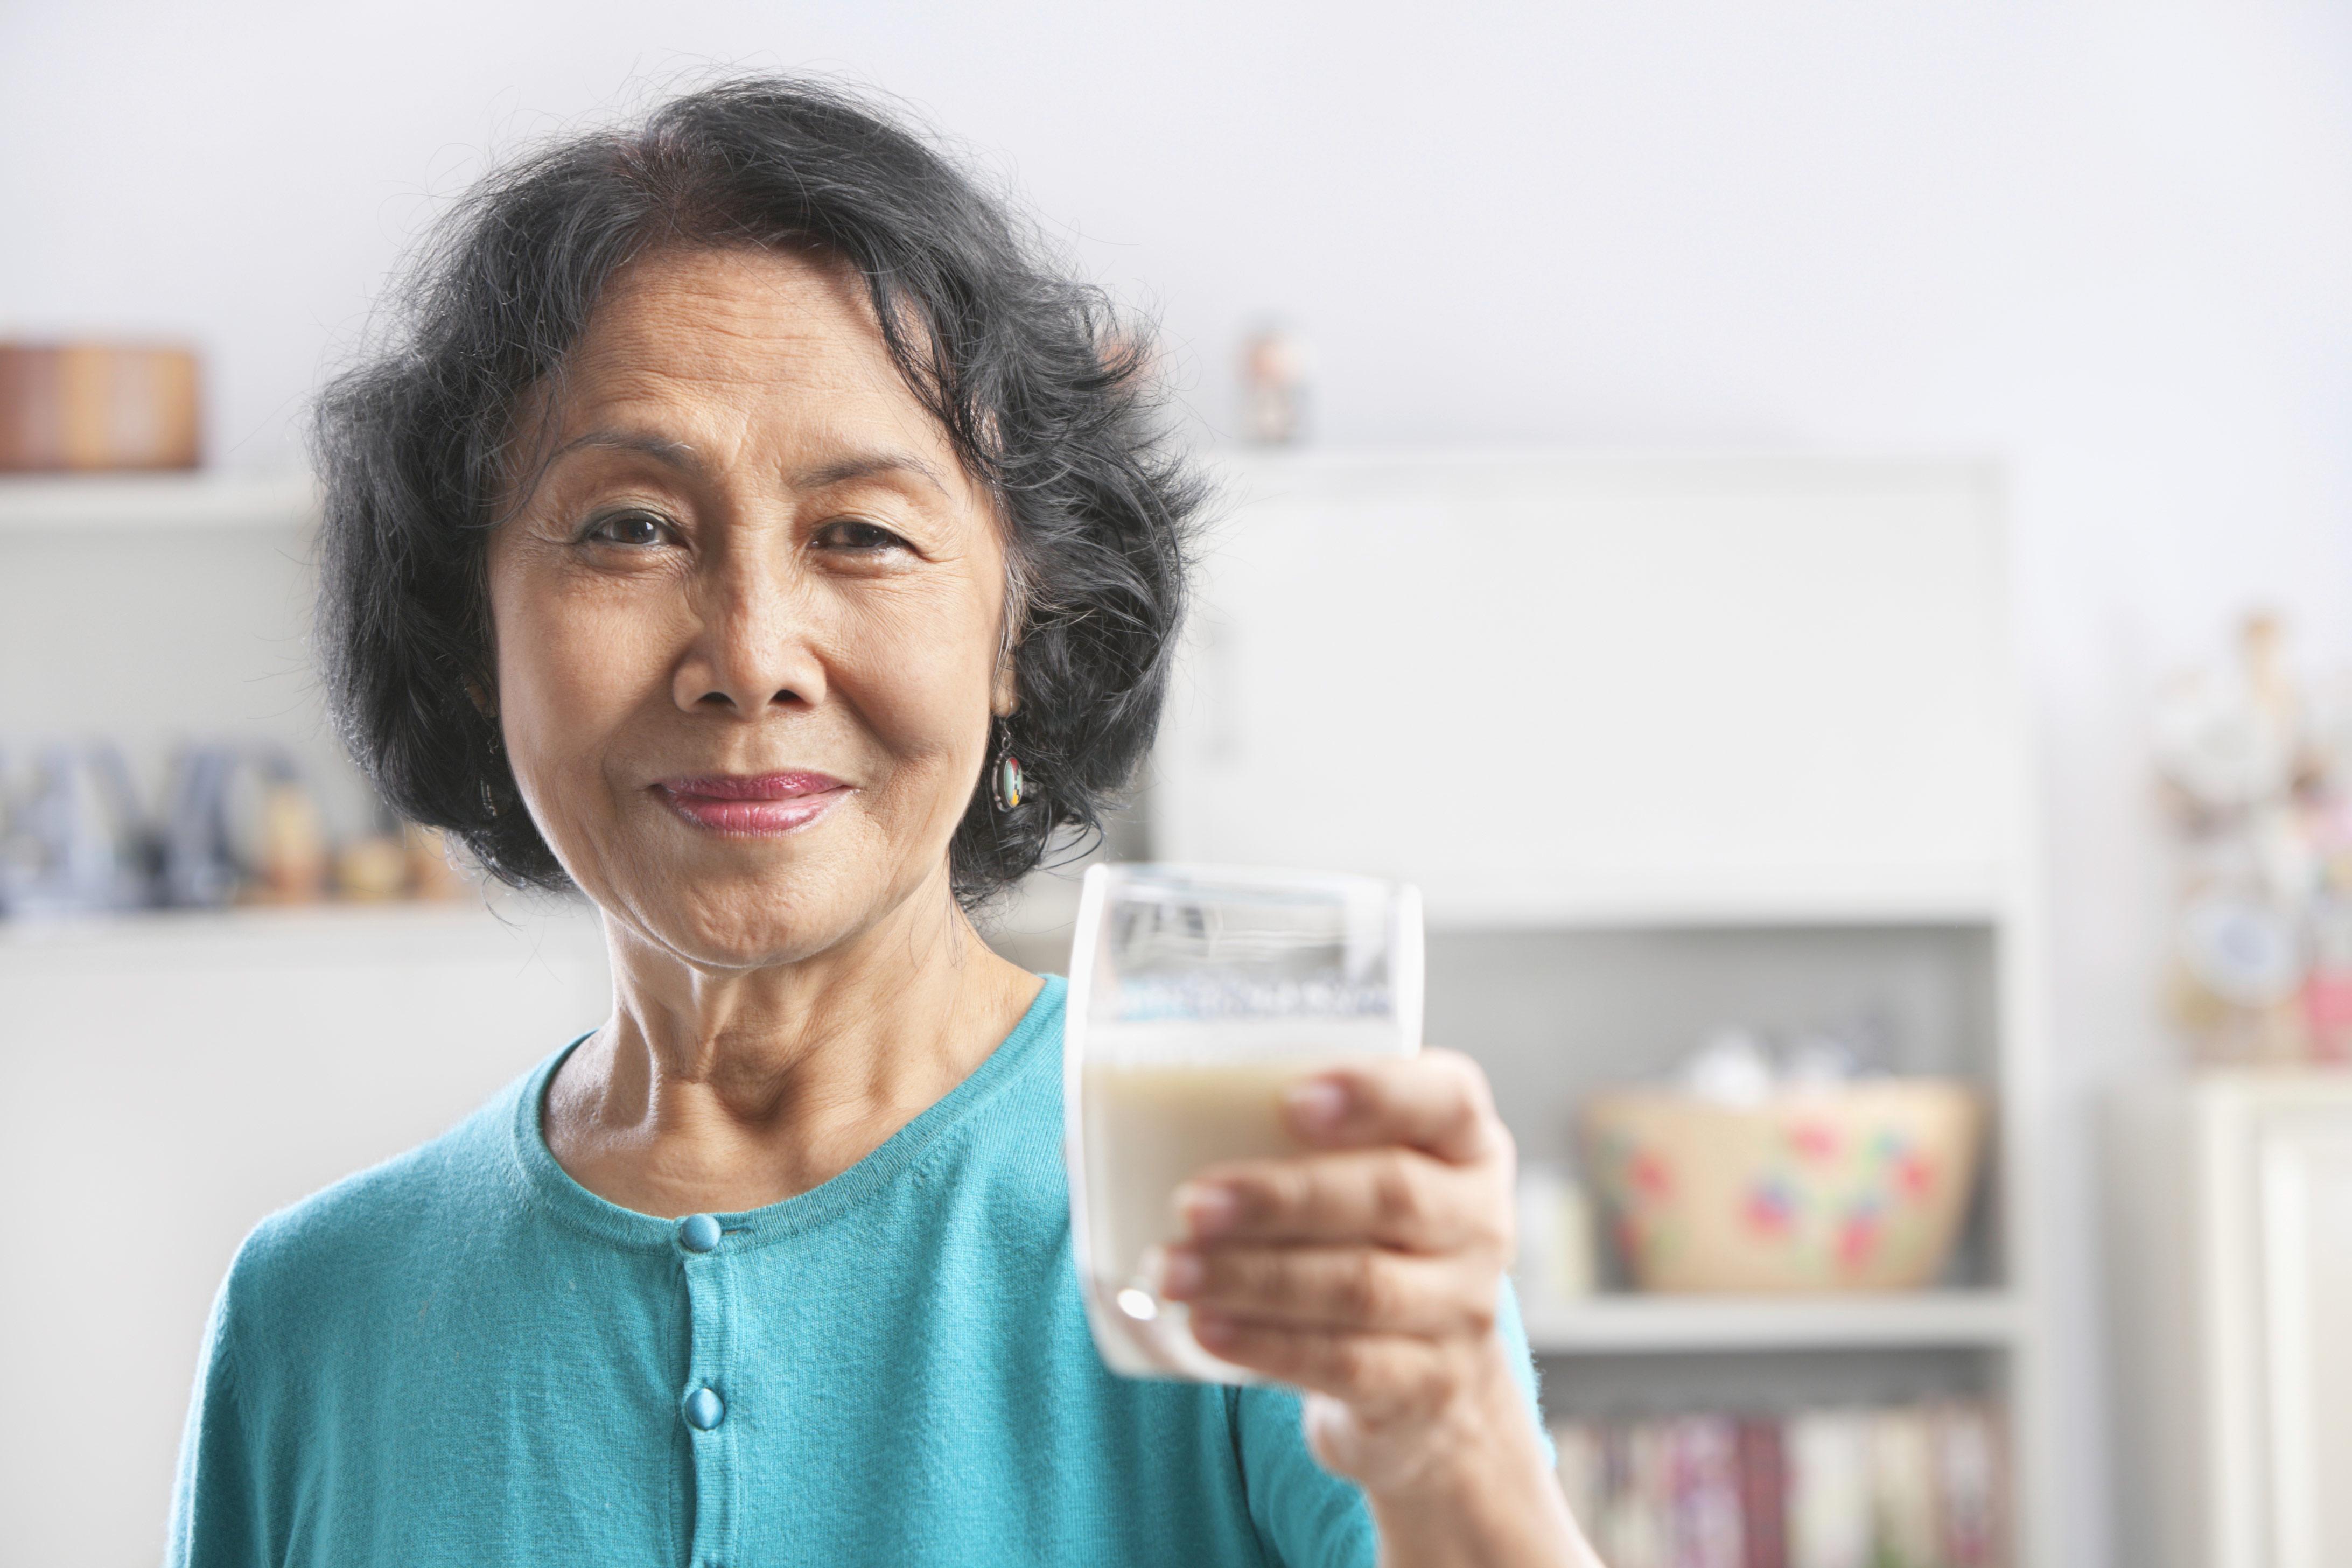 zuivel voor ouderen